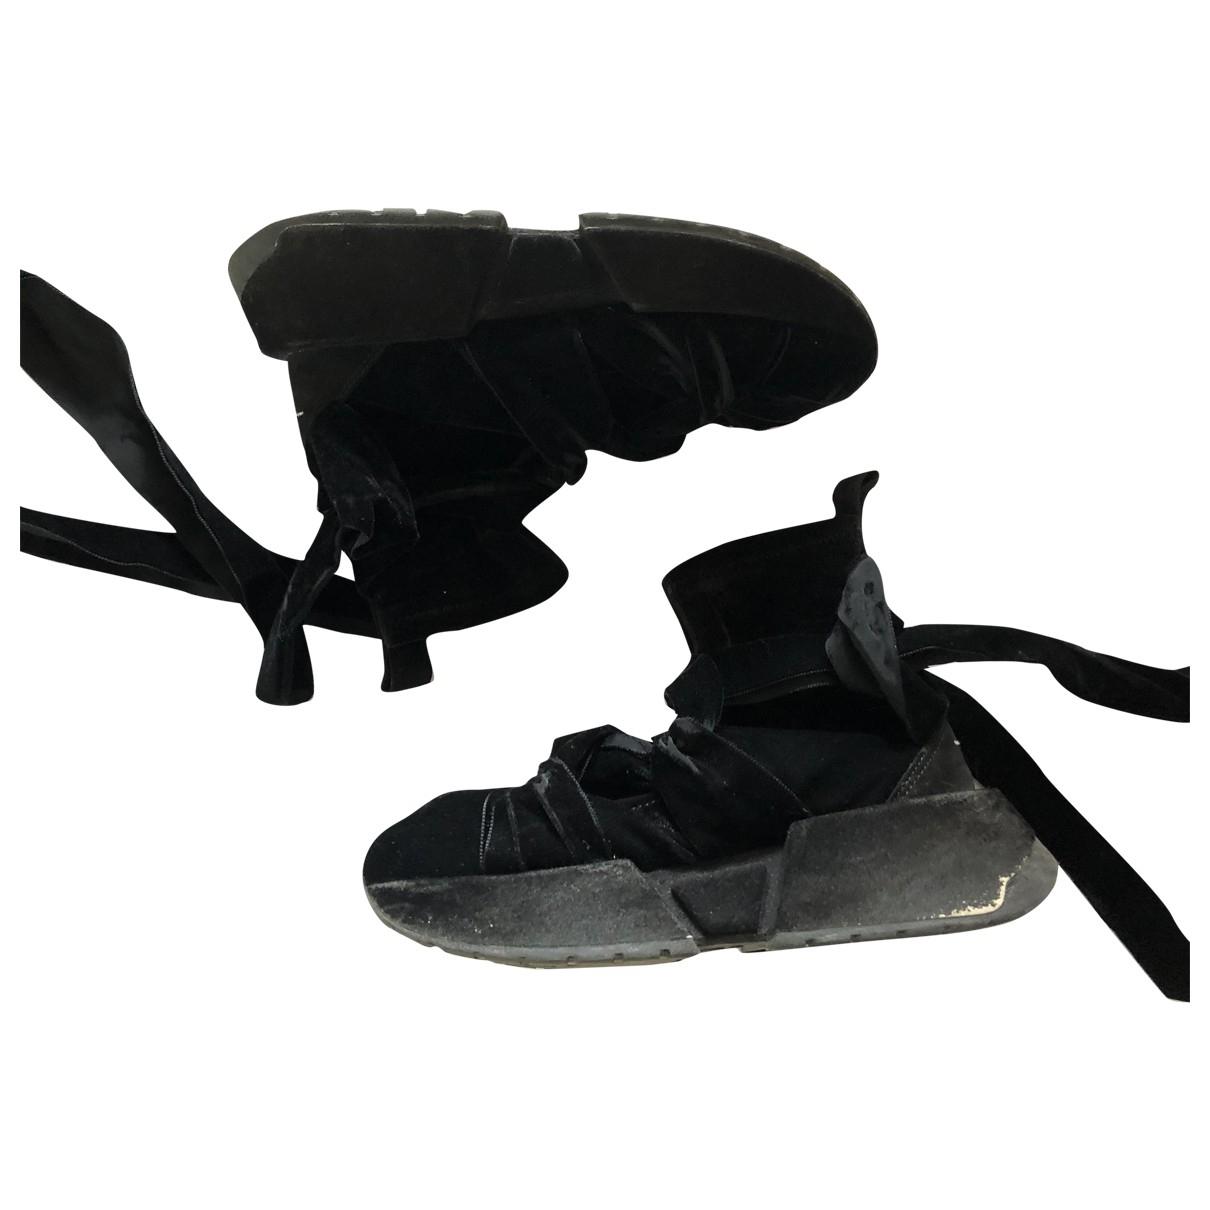 Mm6 - Baskets   pour femme en velours - noir